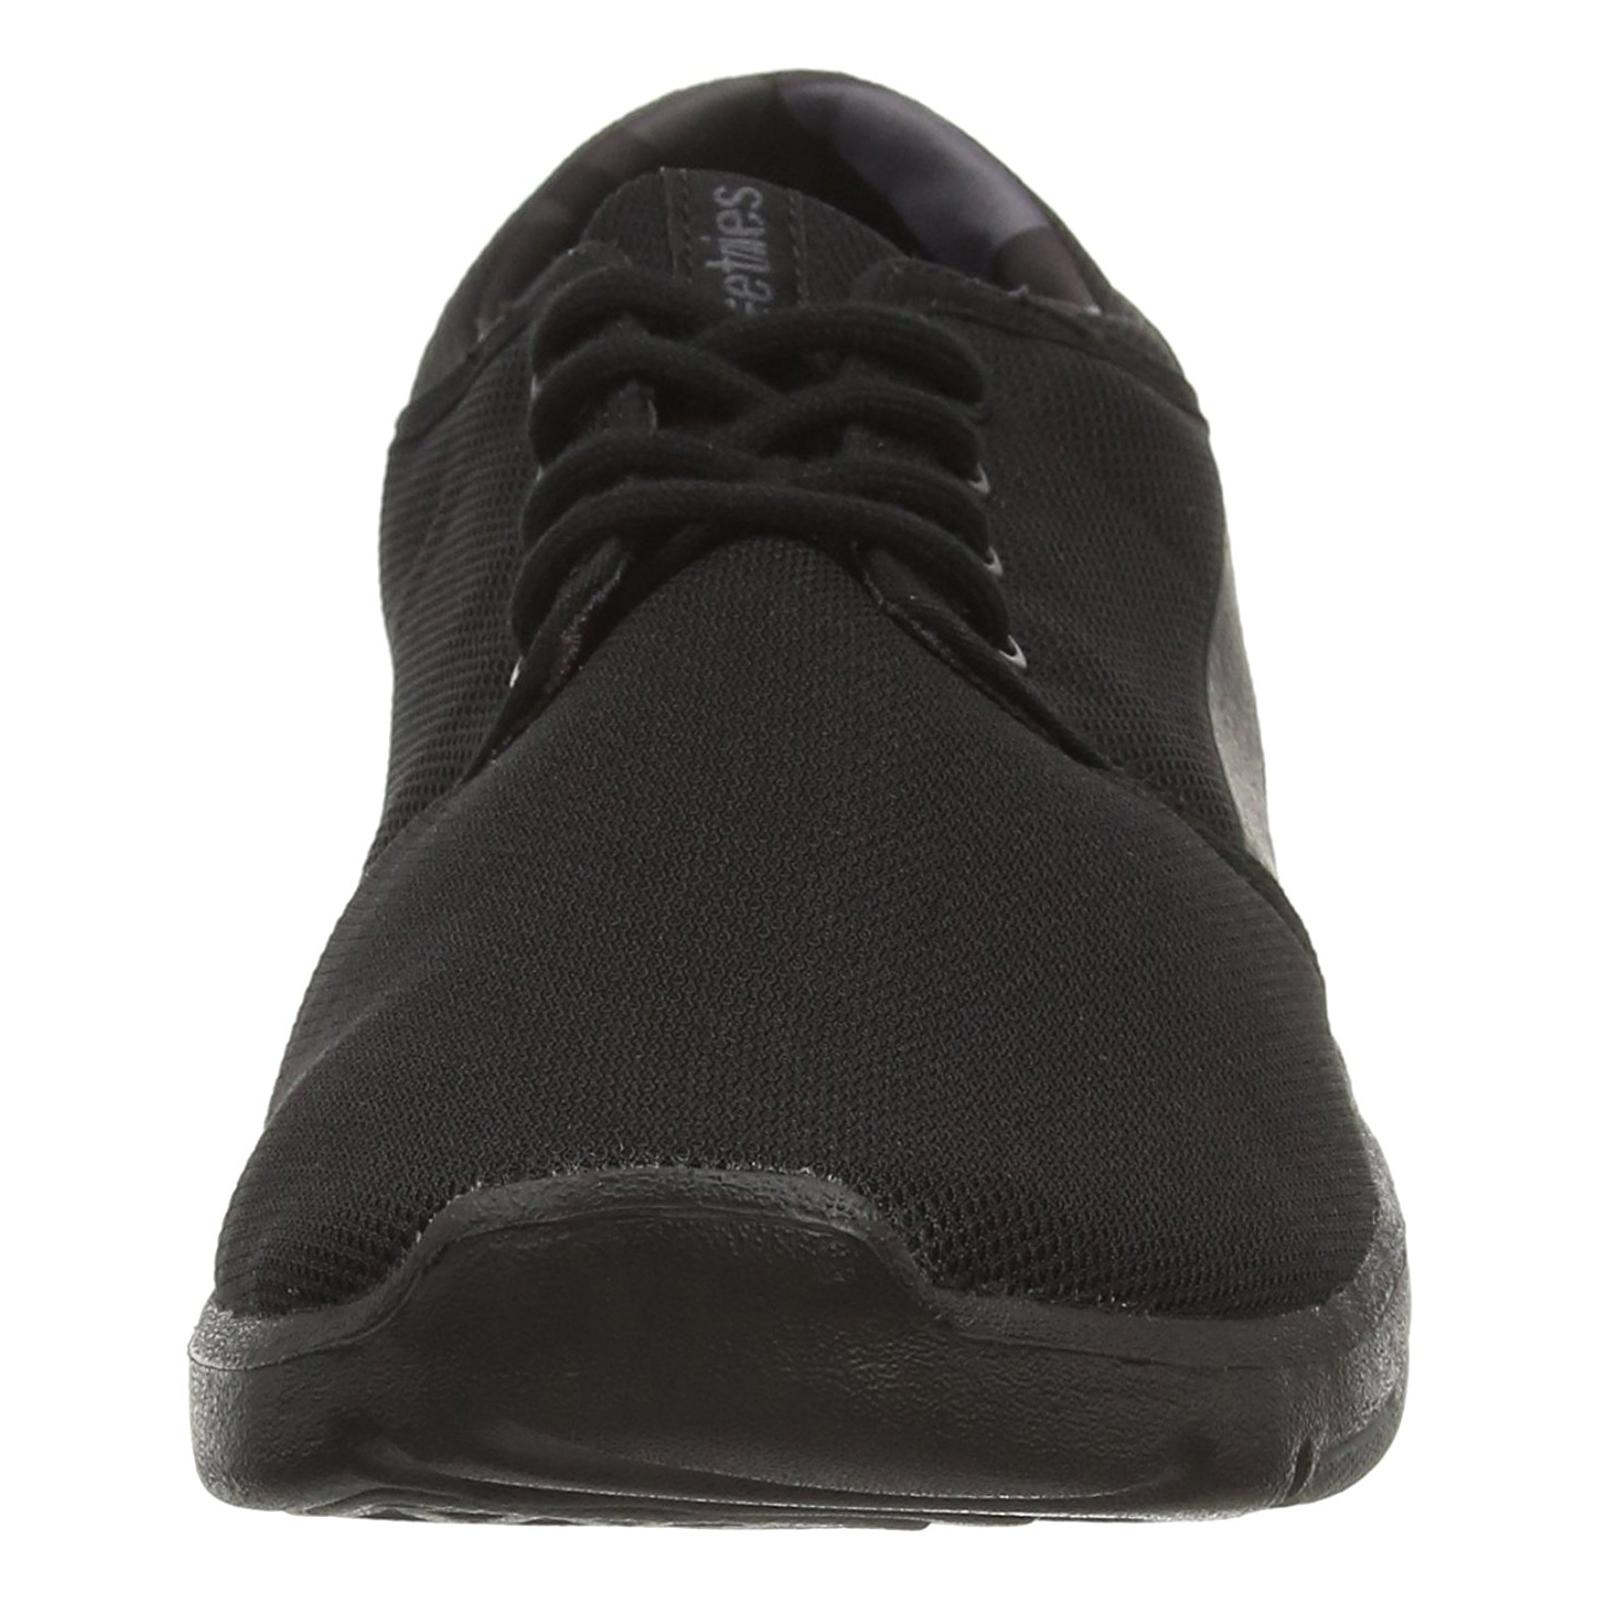 Billig gute Qualität Etnies Turnschuhe scout black/grau/black schwarz